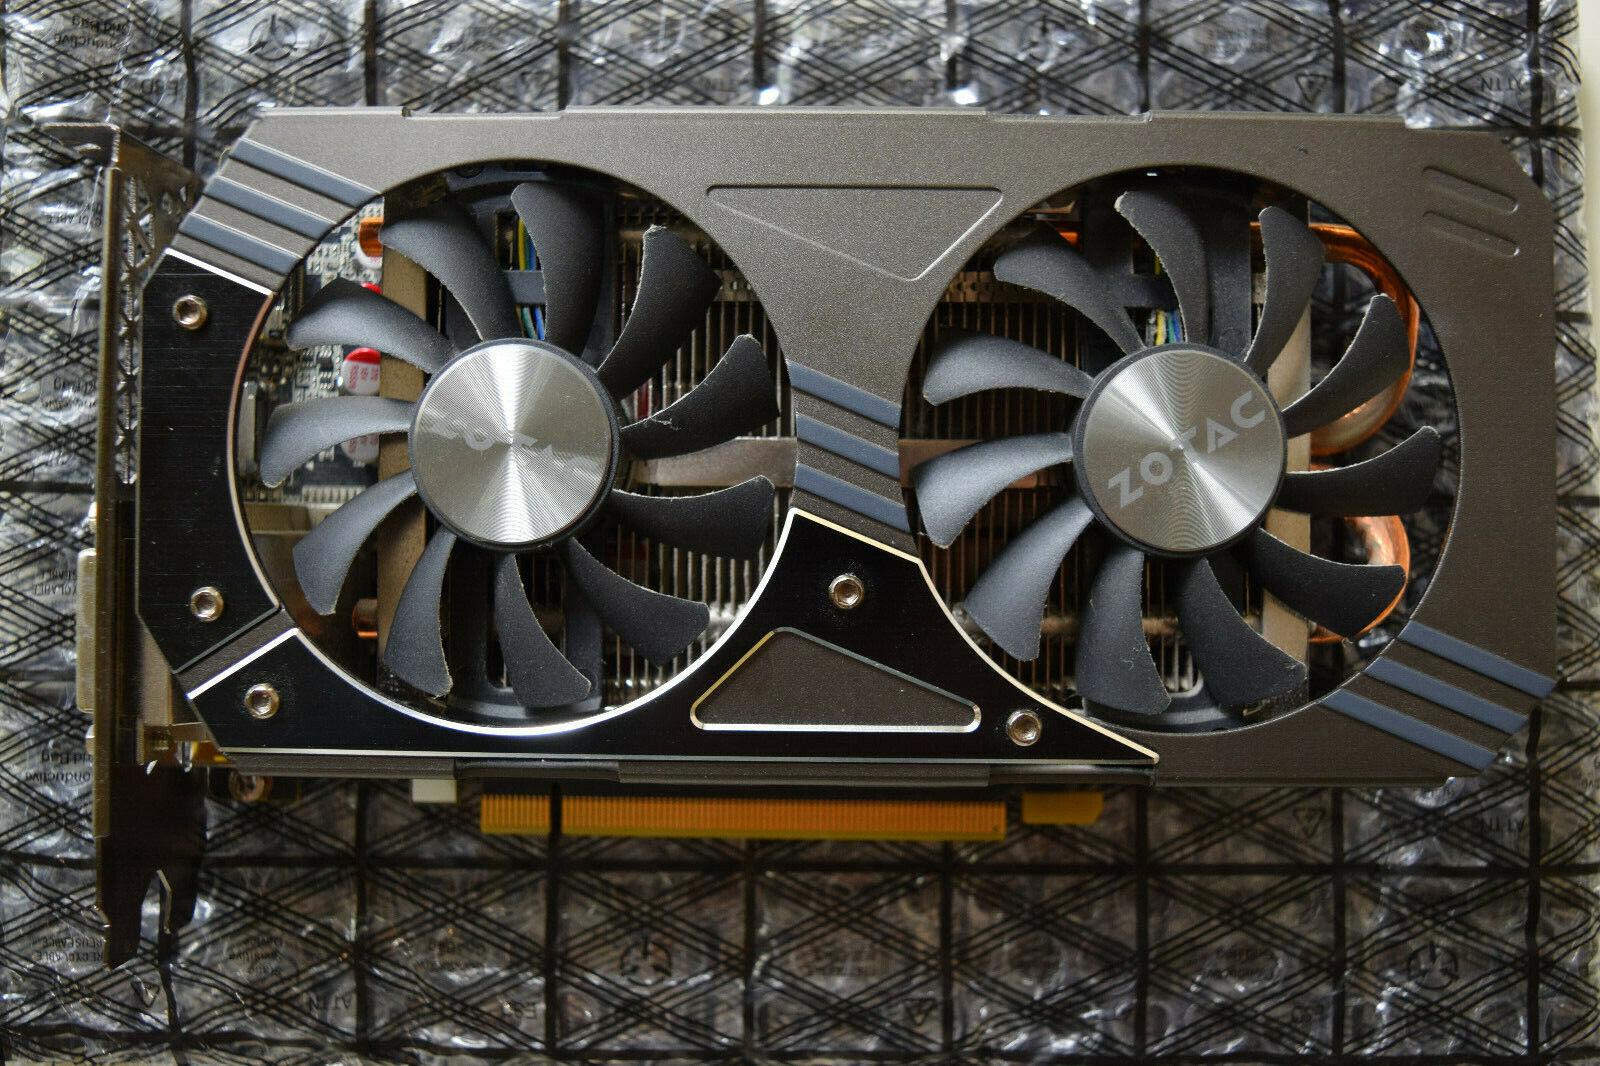 ZOTAC GeForce GTX 960 4GB 128bit GDDR5 PCI-Express GPU DVI/DisplayPort/HDMI